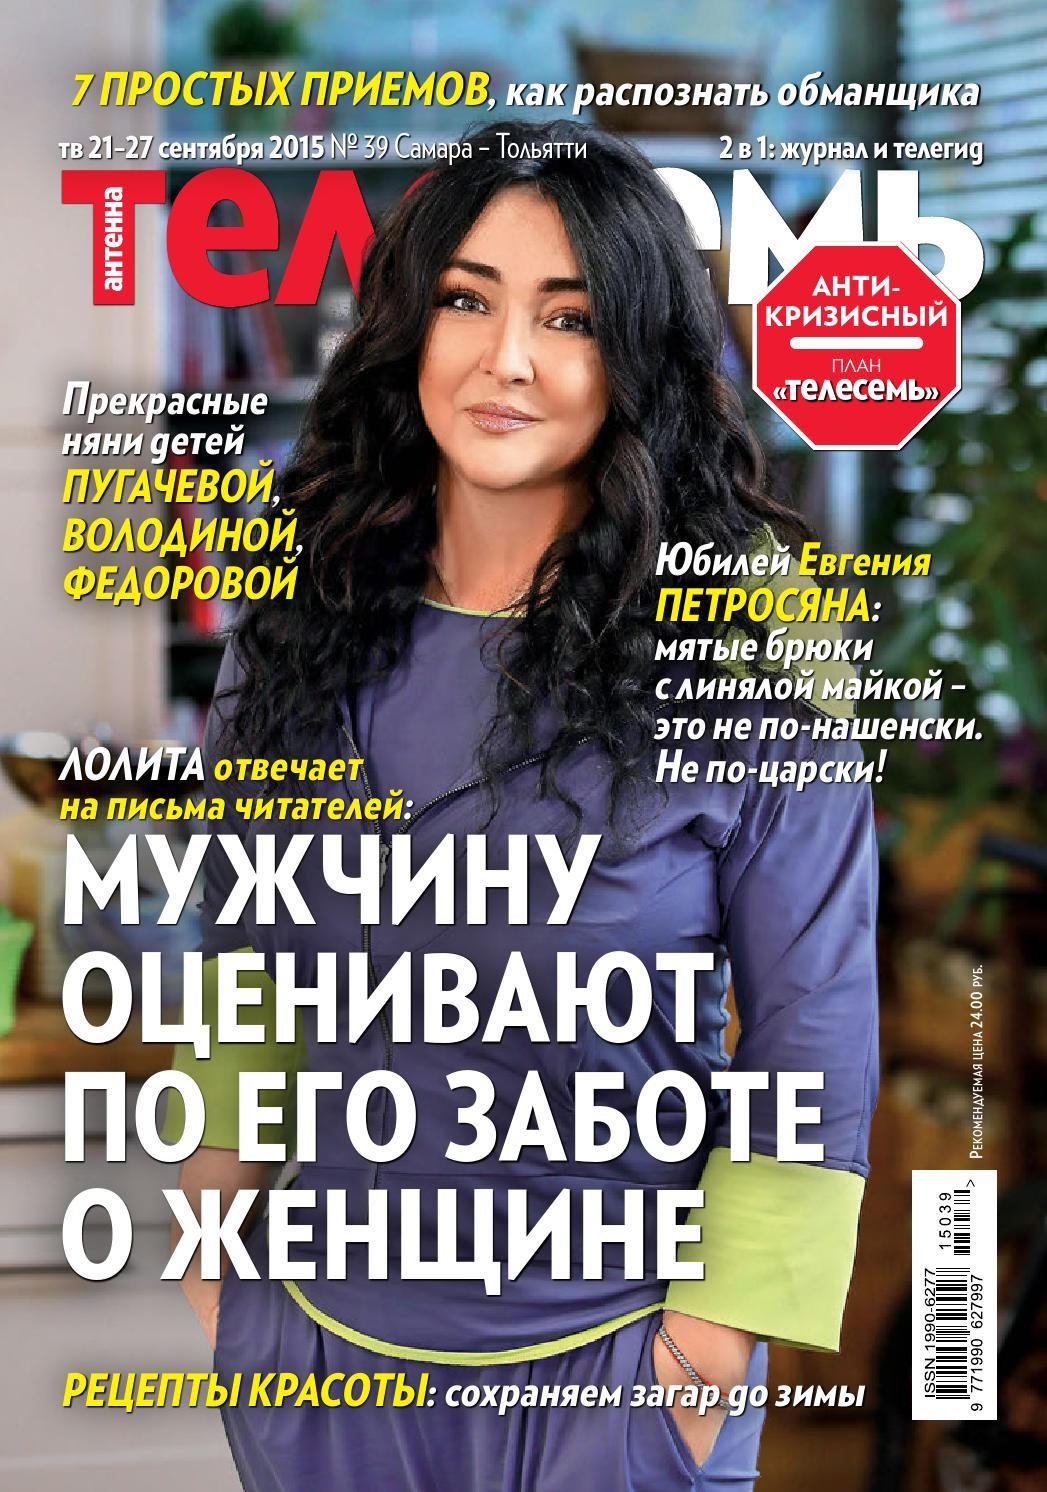 Щербакова оксана из тольятти и секс с ней